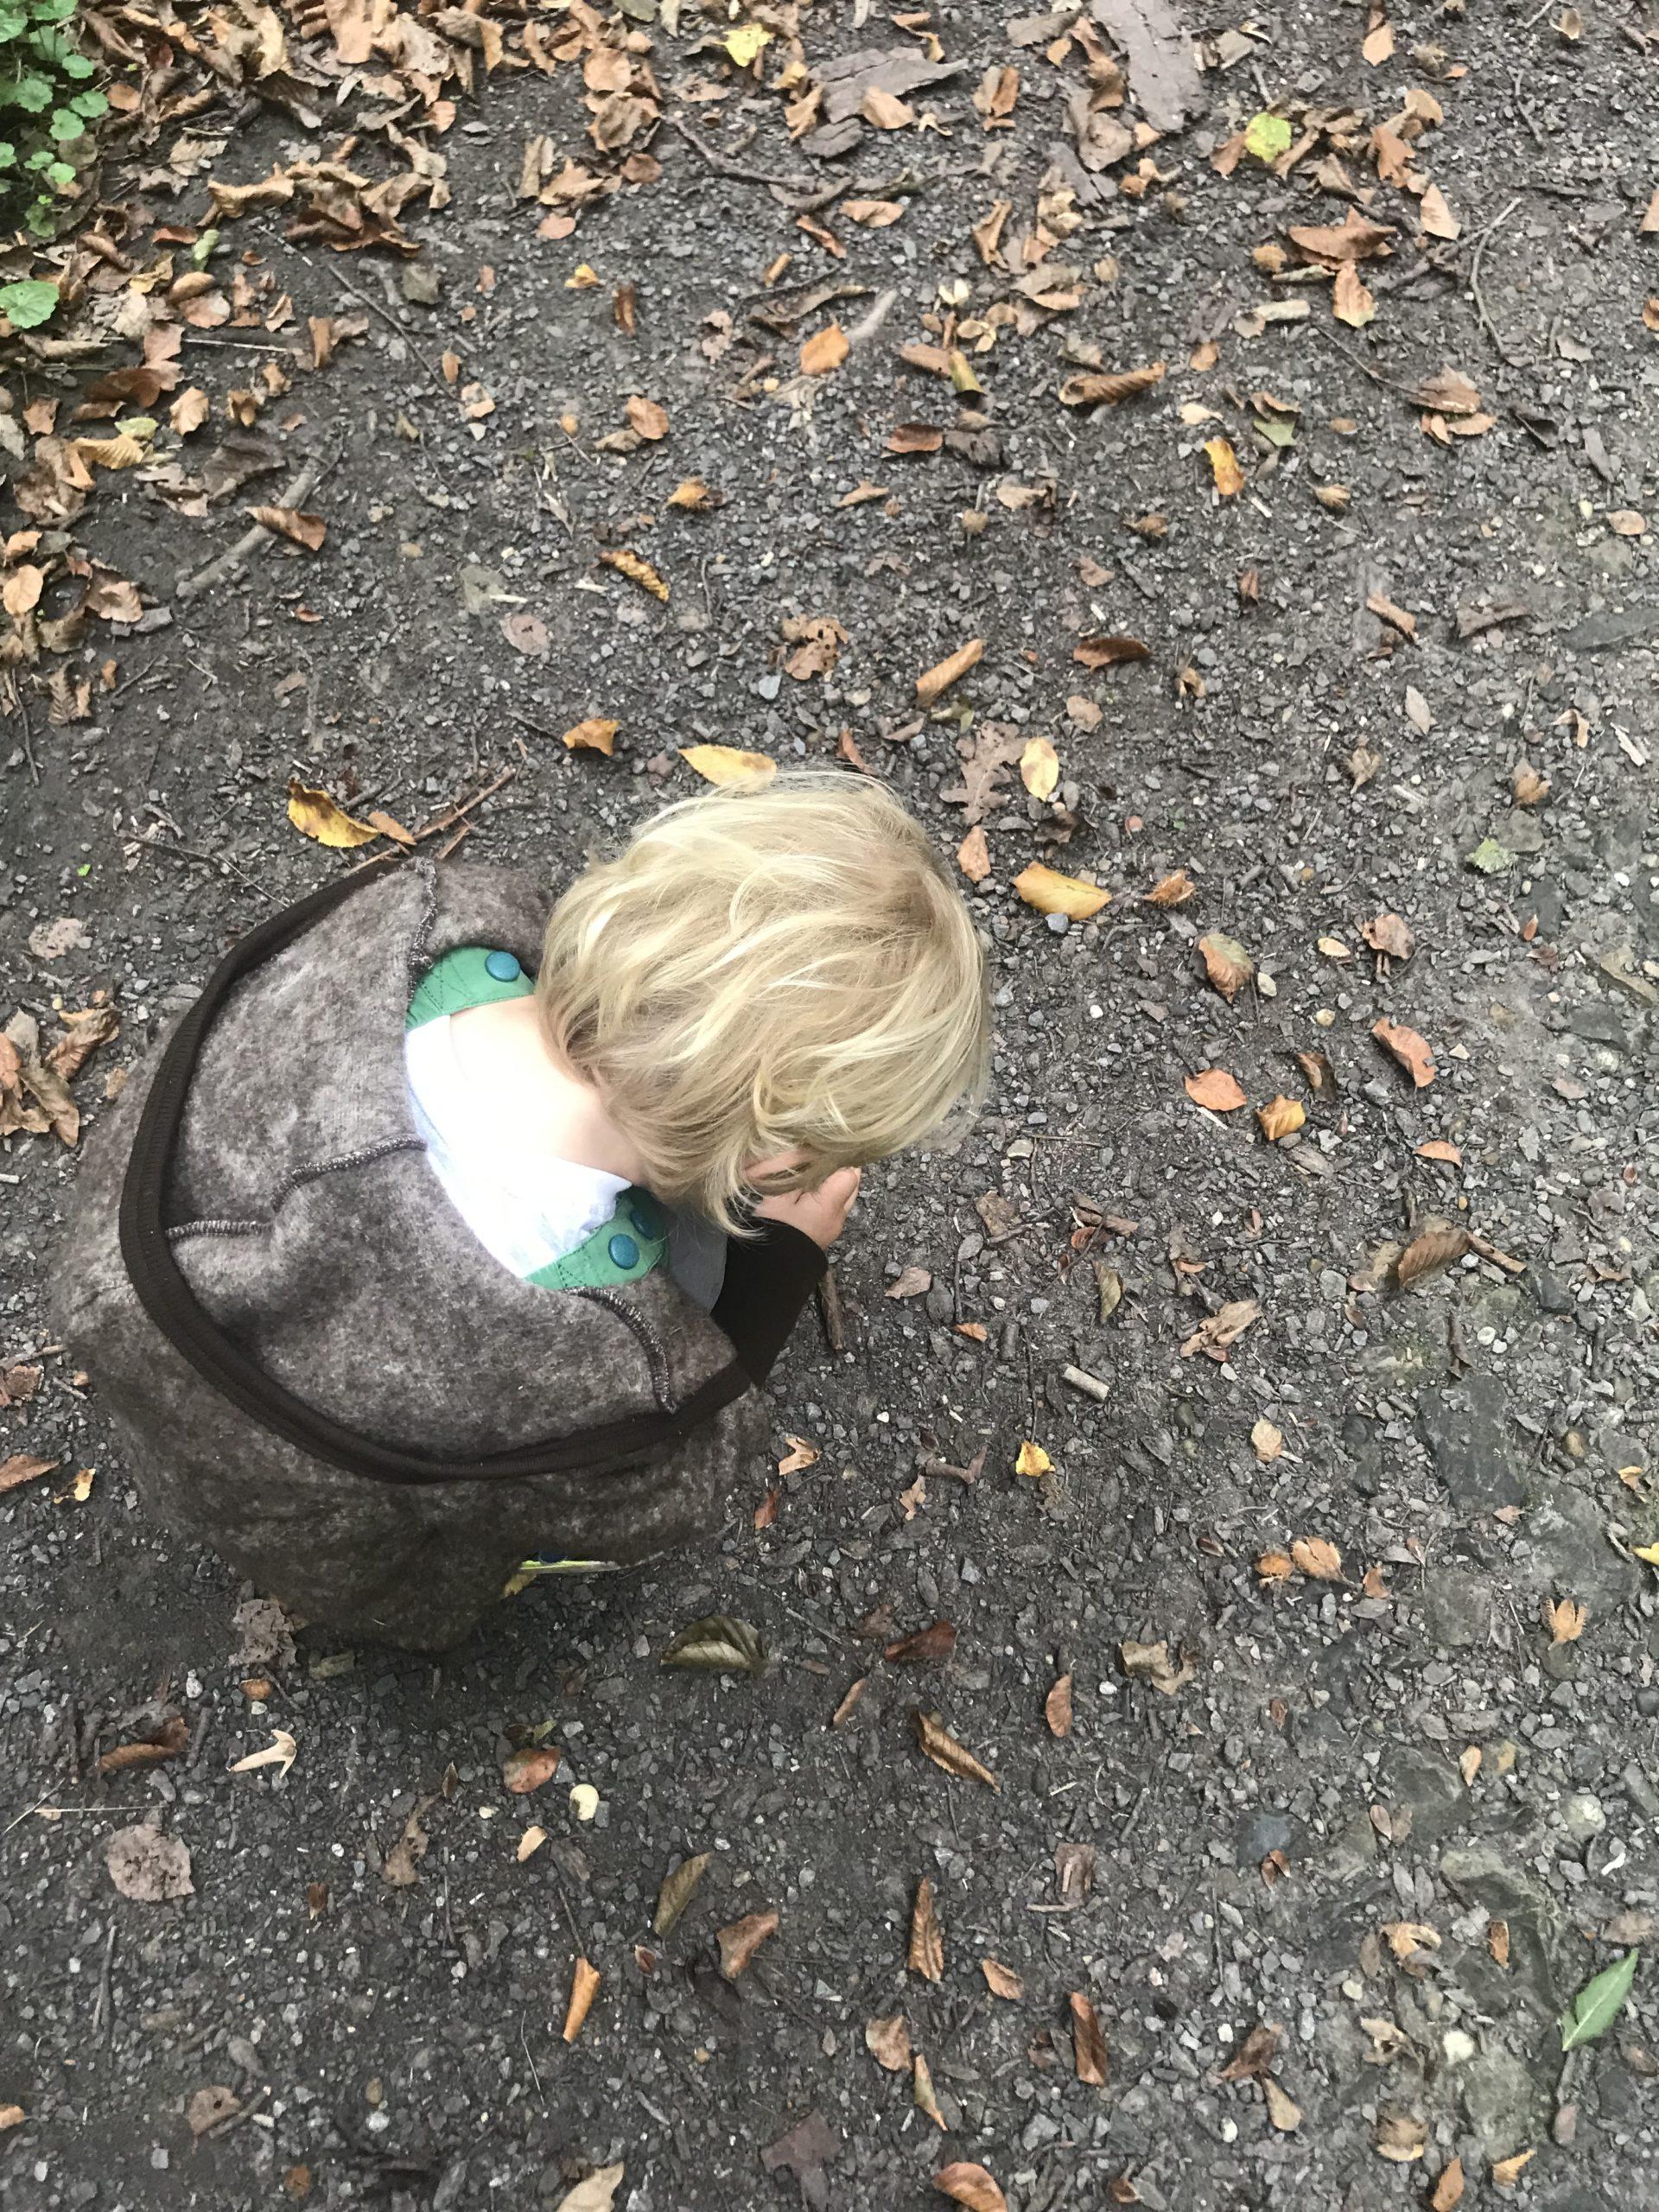 Das Januarwunder kniet auf dem Boden und sammelt Blätter